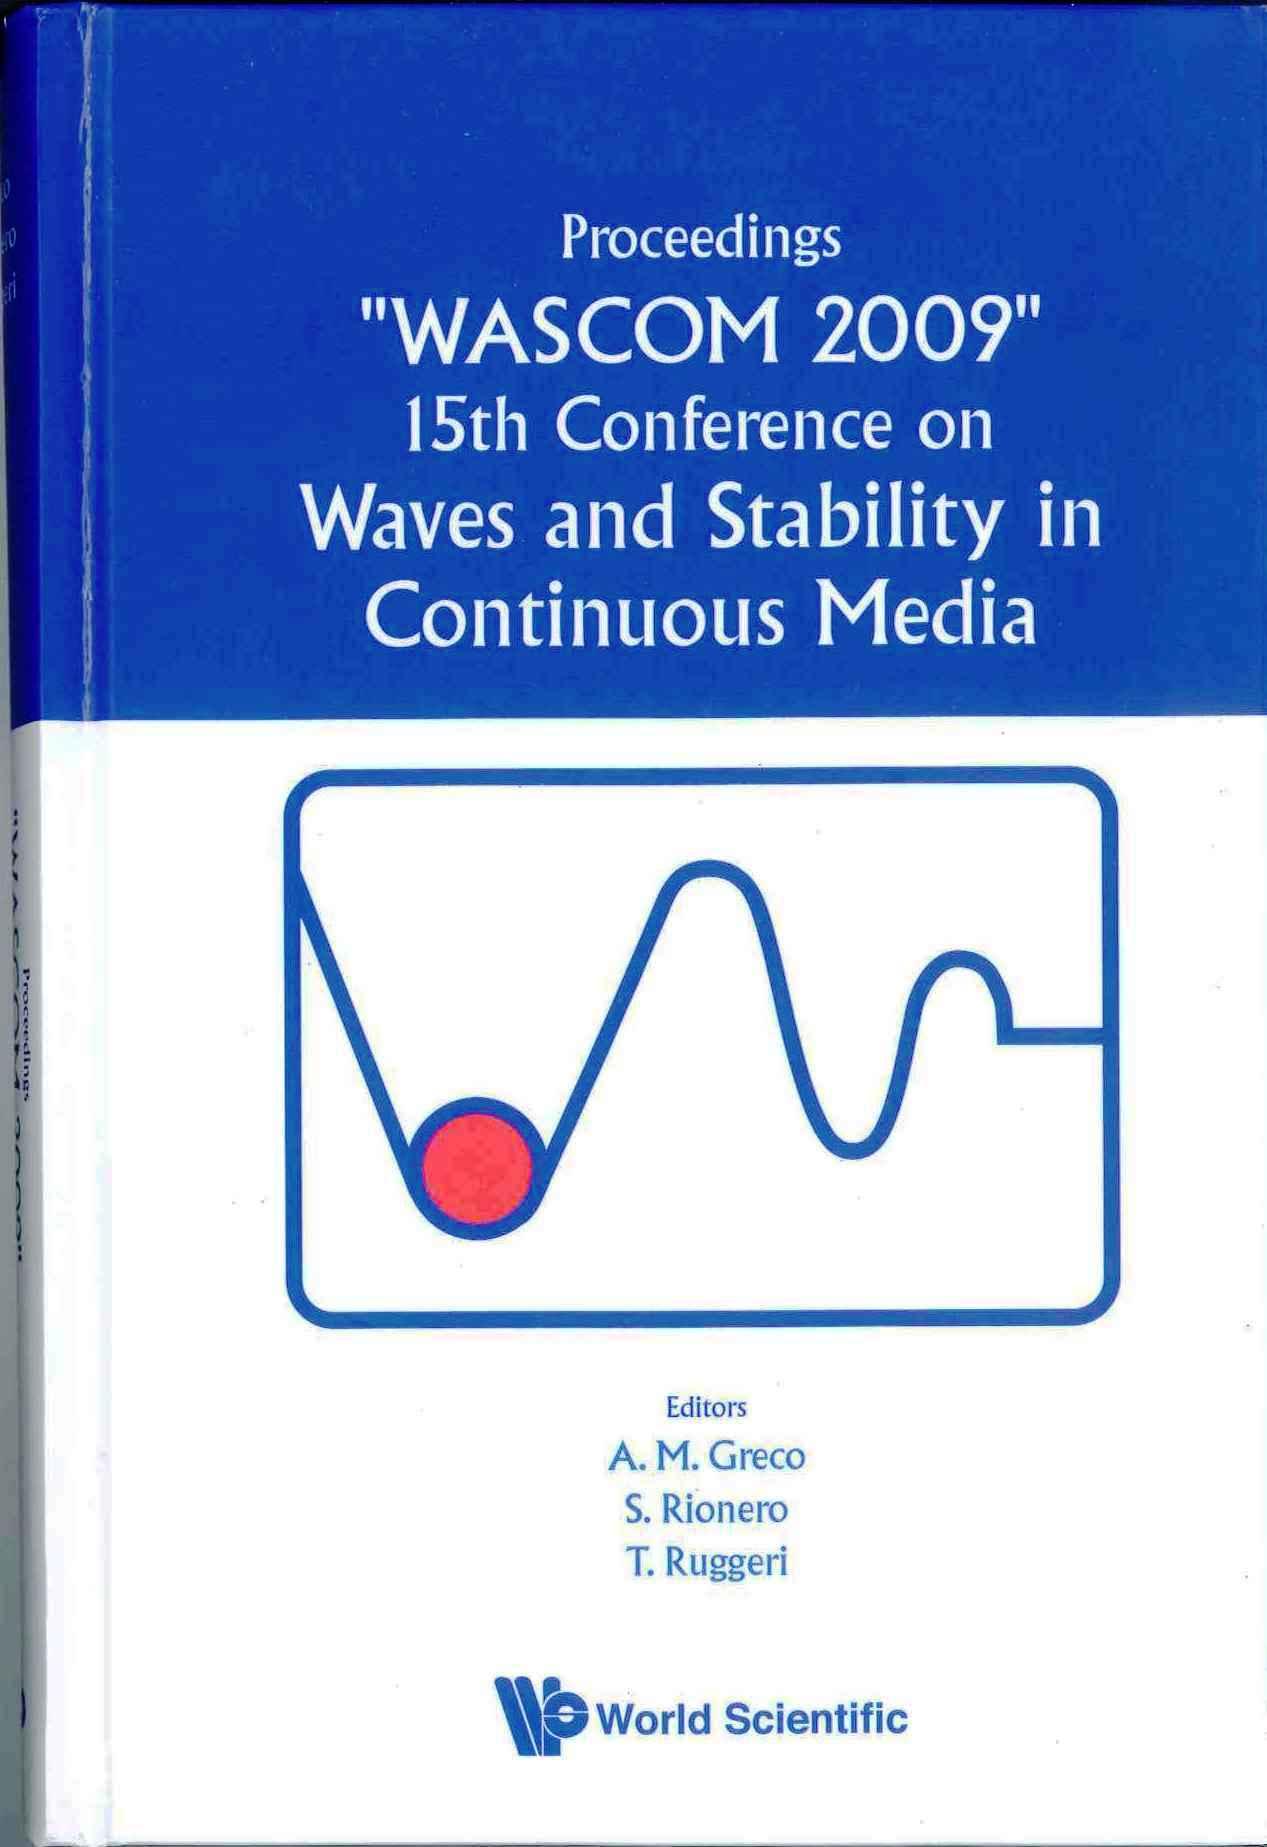 Wascom2009